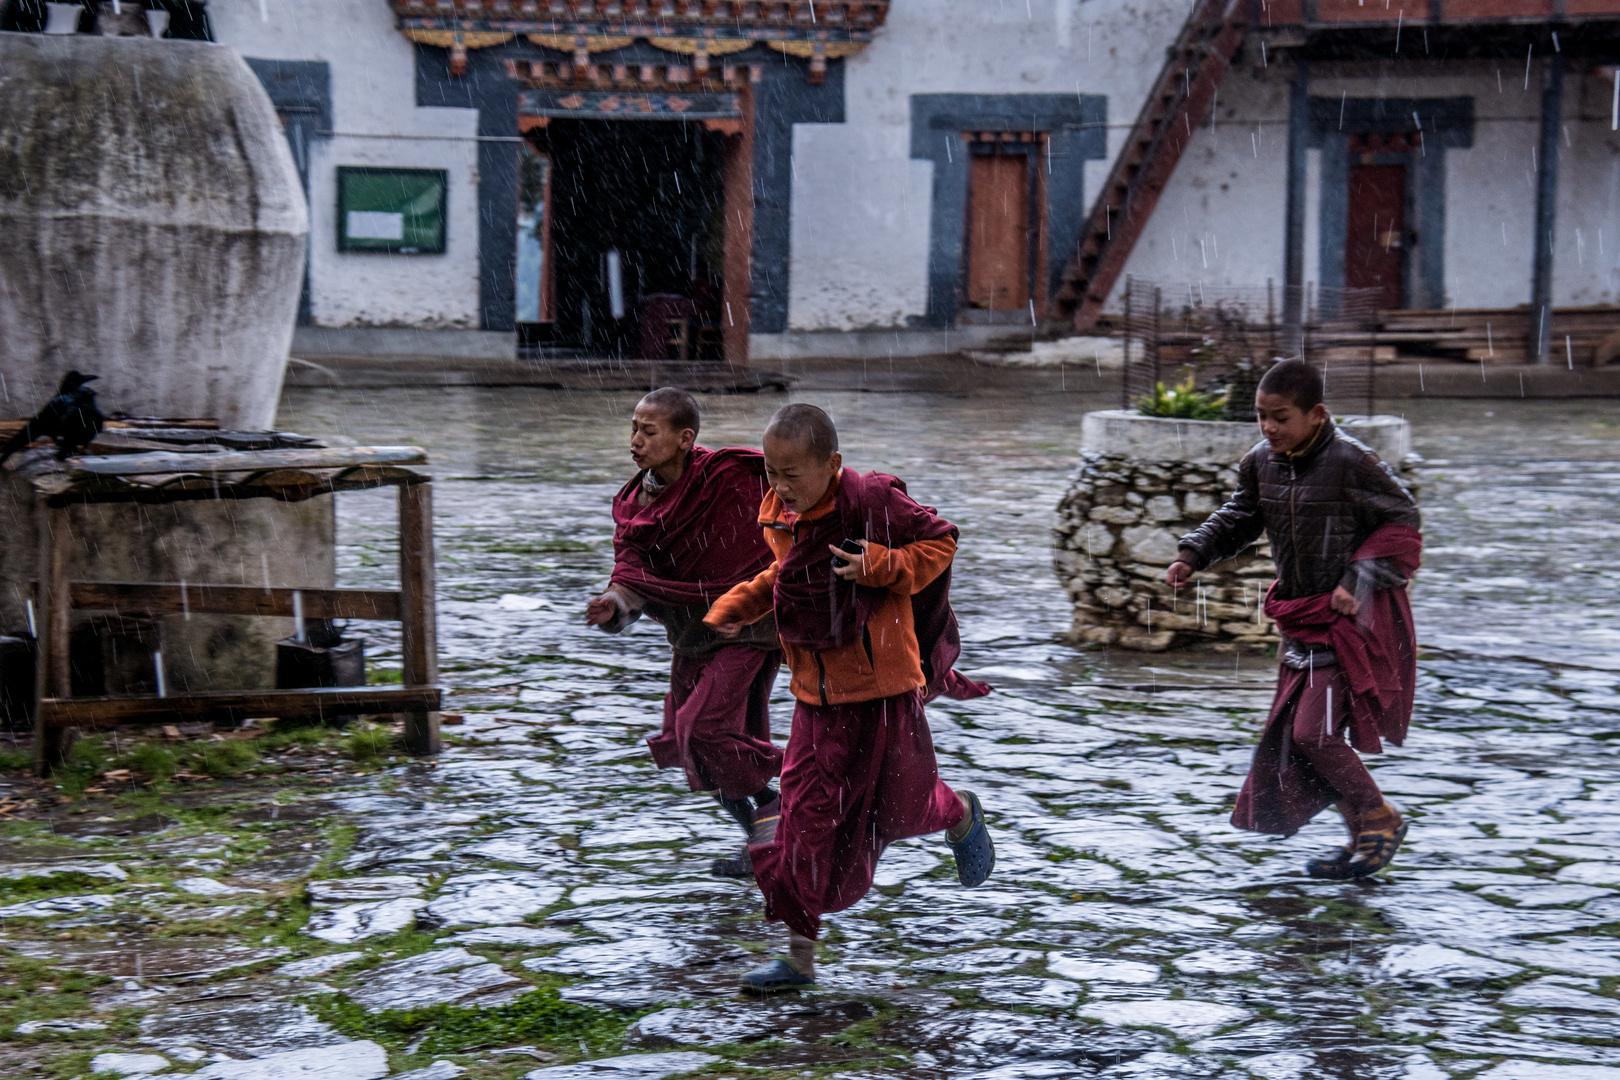 Bhutan, Junge Mönche auf der Flucht vor dem Regen